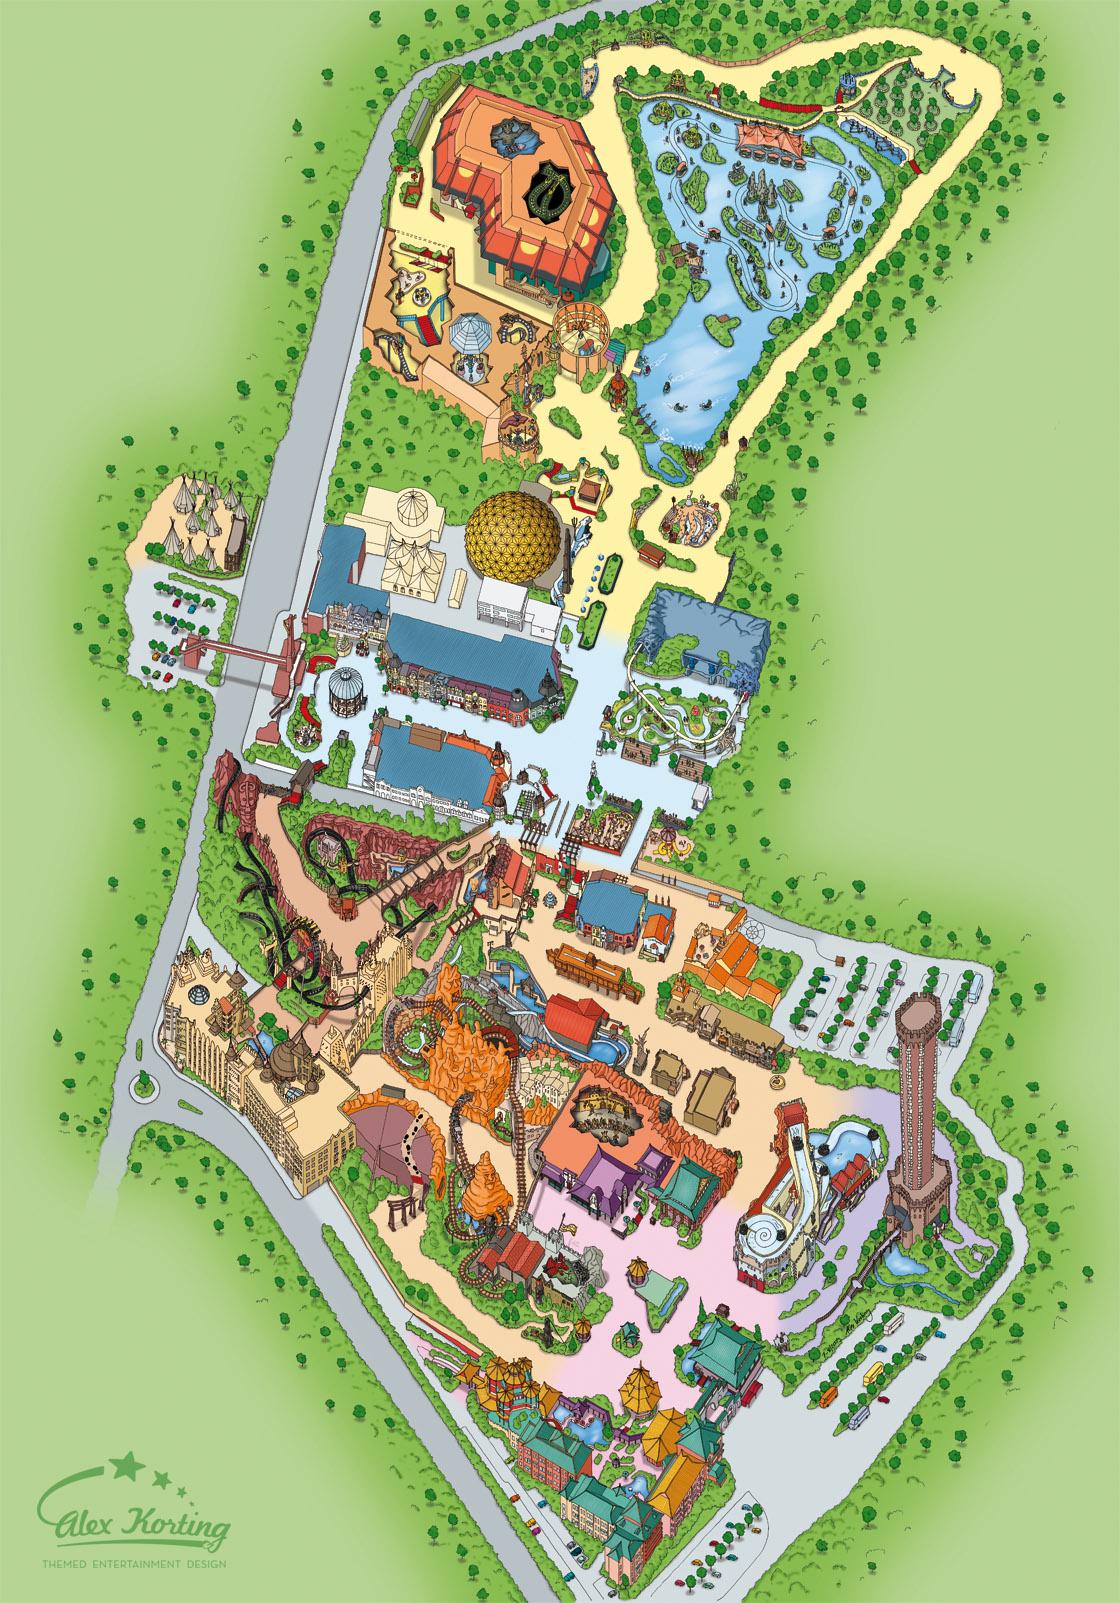 Phantasialand Park Karte.Sommer Summer 2009 Alex Korting Themed Entertainment Design